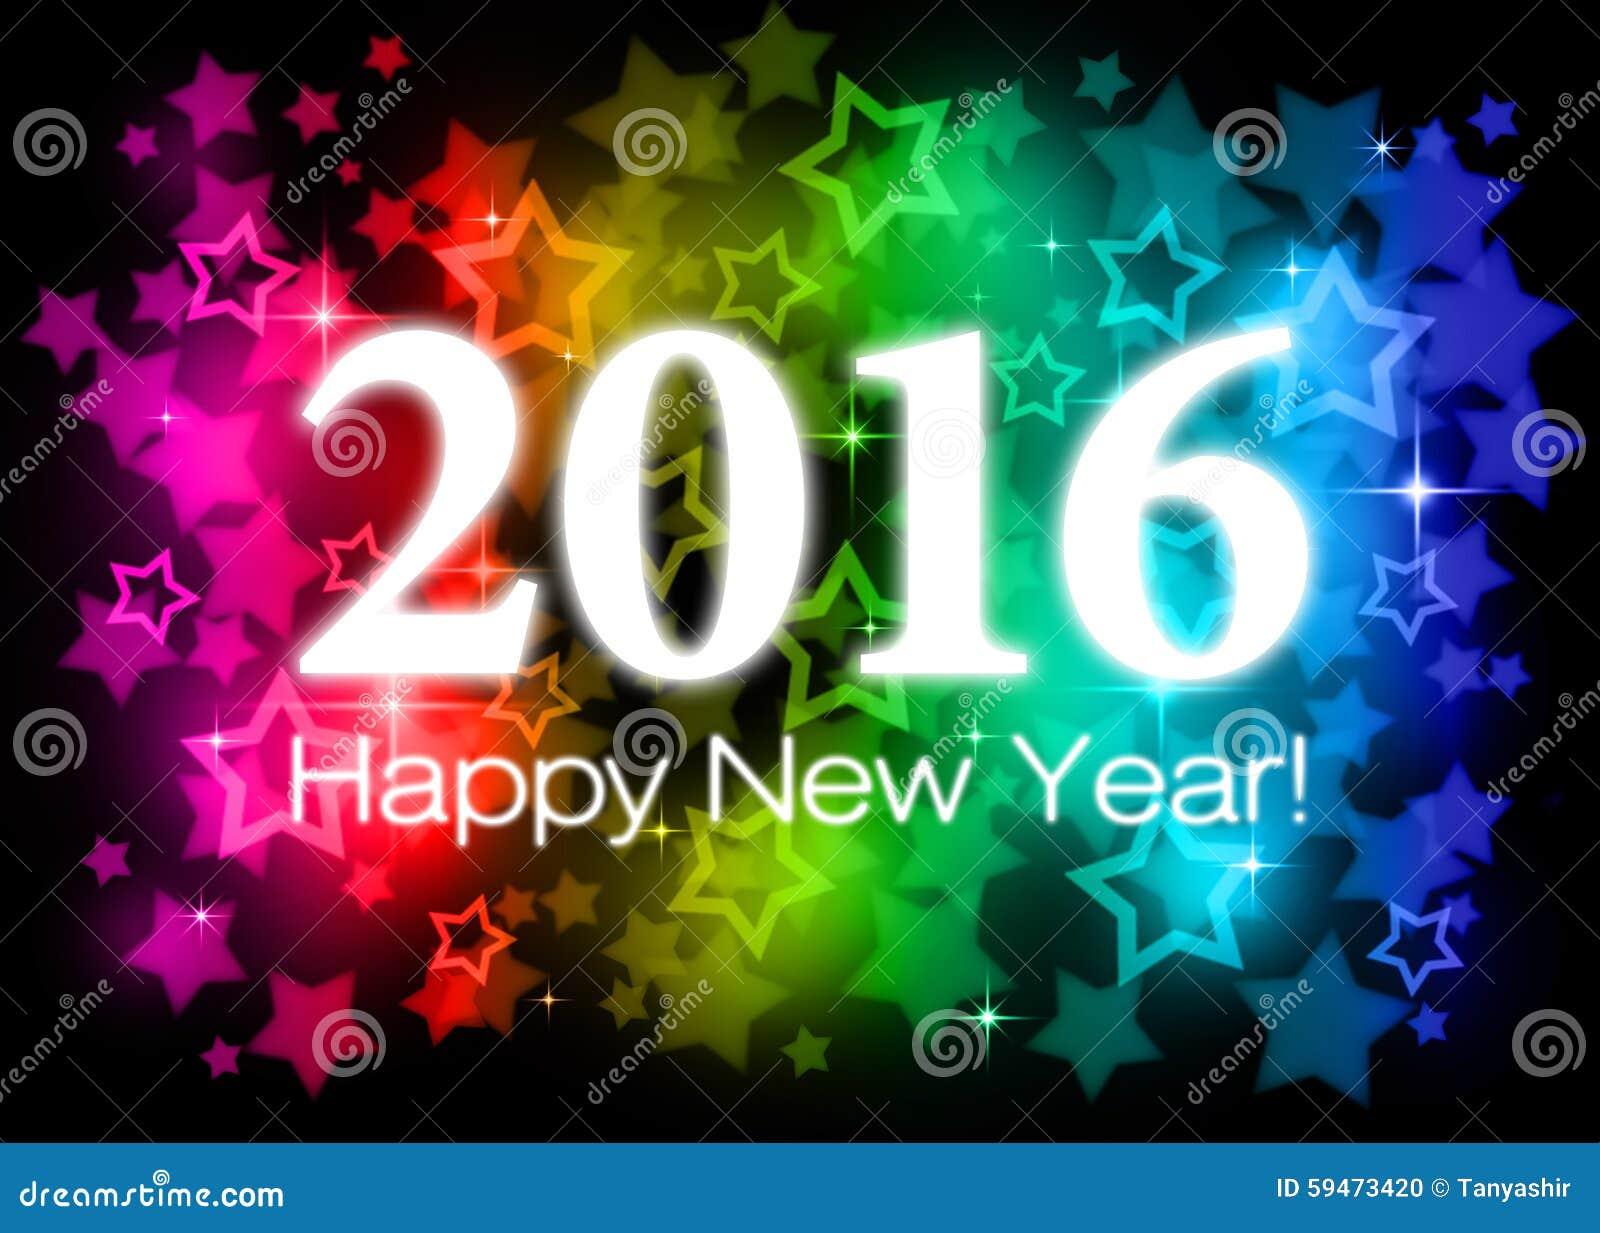 Semoga kami bisa melalui tahun ini dengan lebih baik dan penuh berkah...